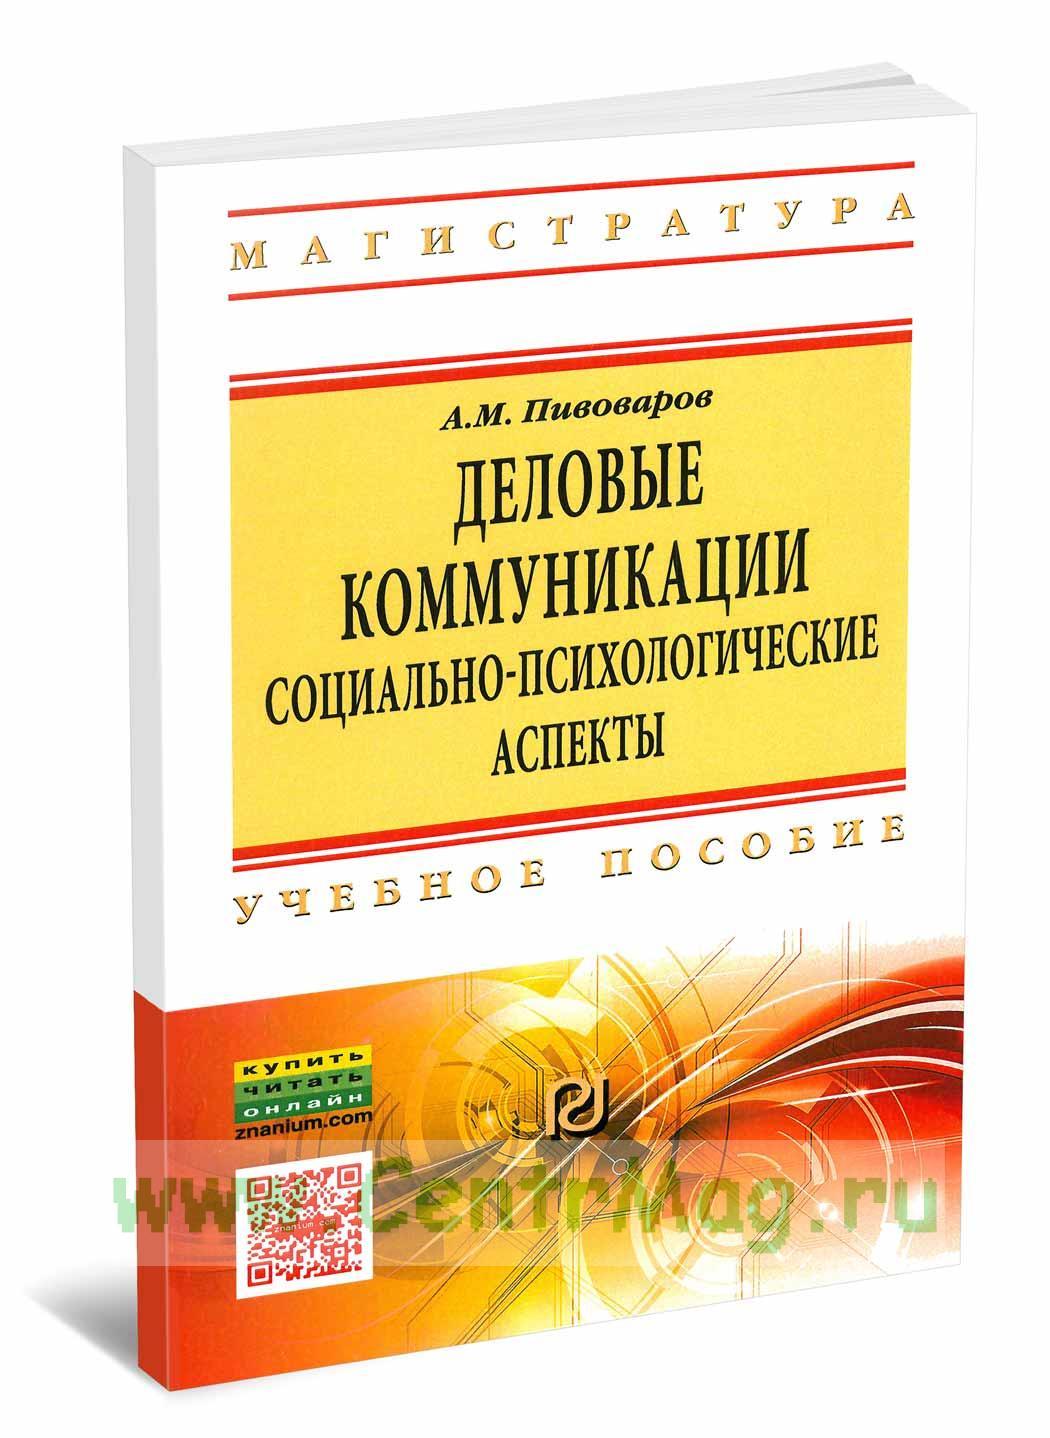 Деловые коммуникации: социально-психологические аспекты: учебное пособие